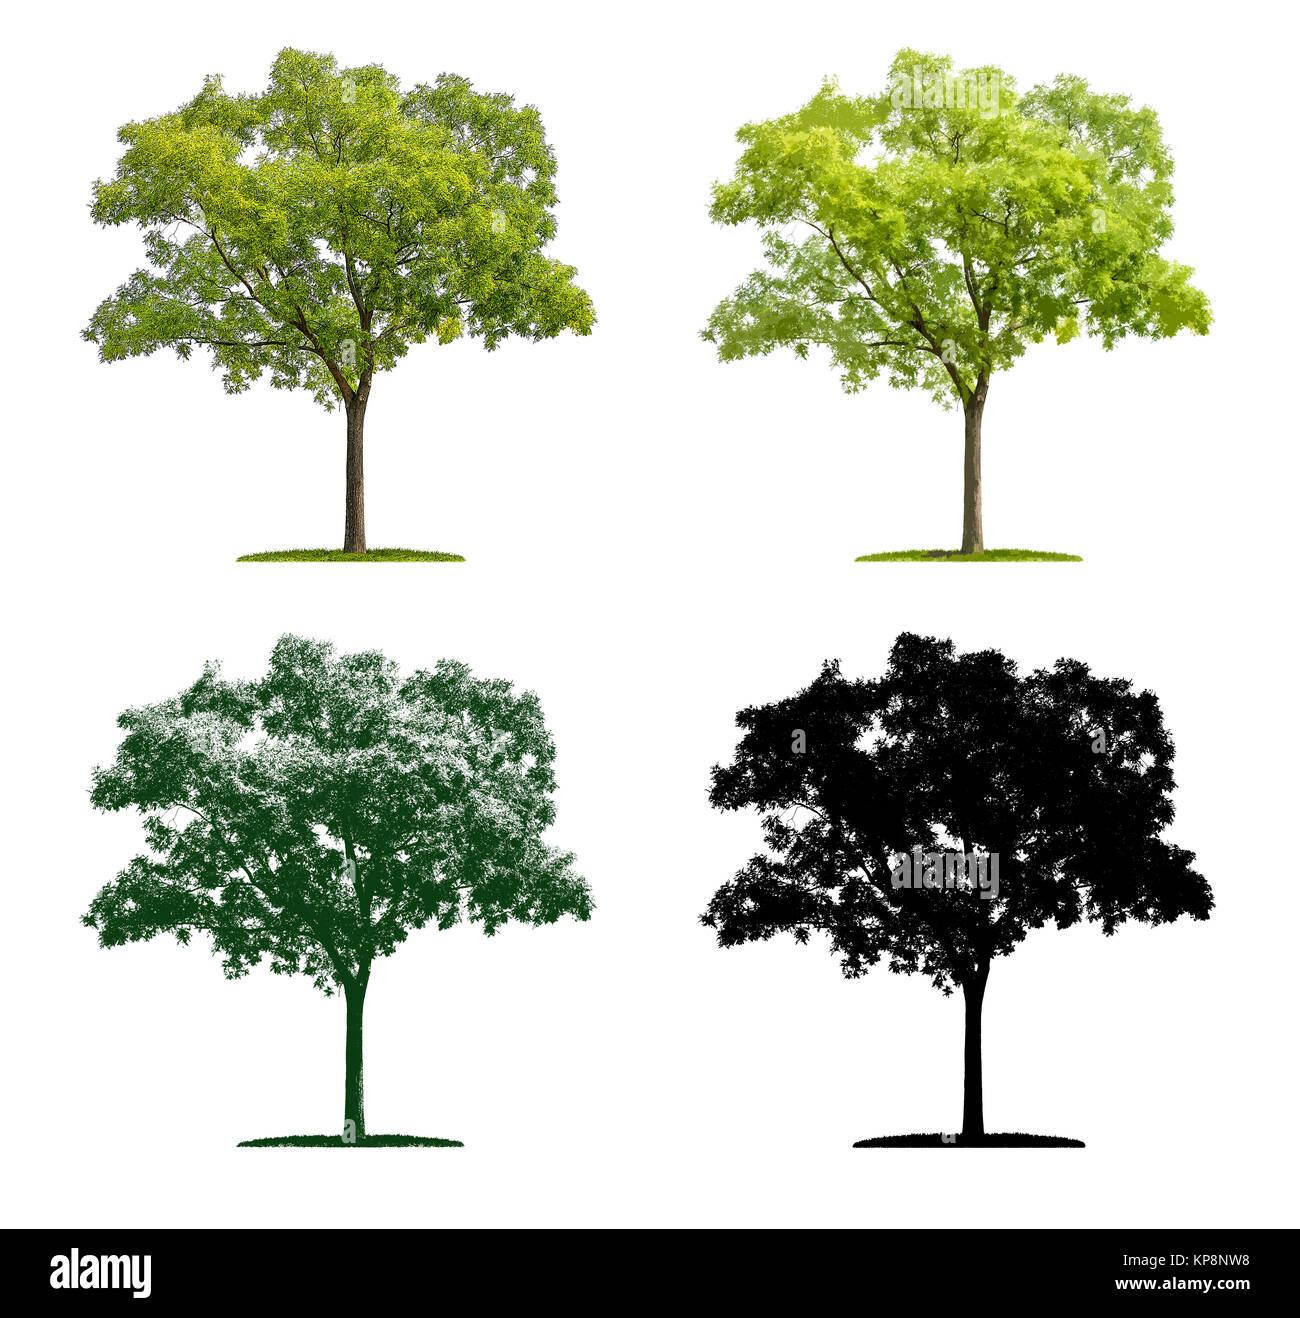 Baum in vier unterschiedlichen Illustrationstechniken - Schnurbaum Stock Photo